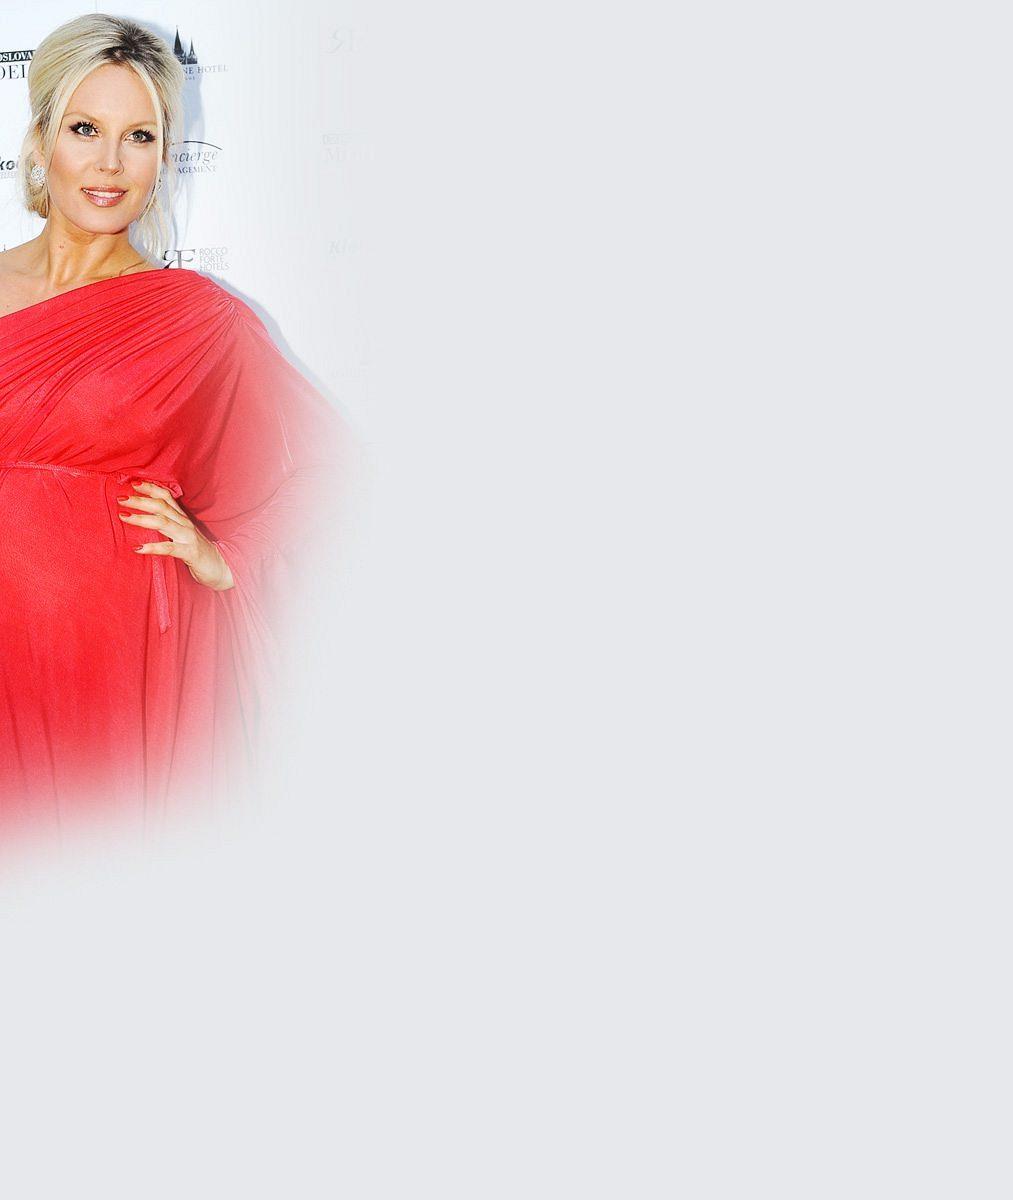 Šťastná novina: Simona Krainová je podruhé maminkou. Má syna Bruna